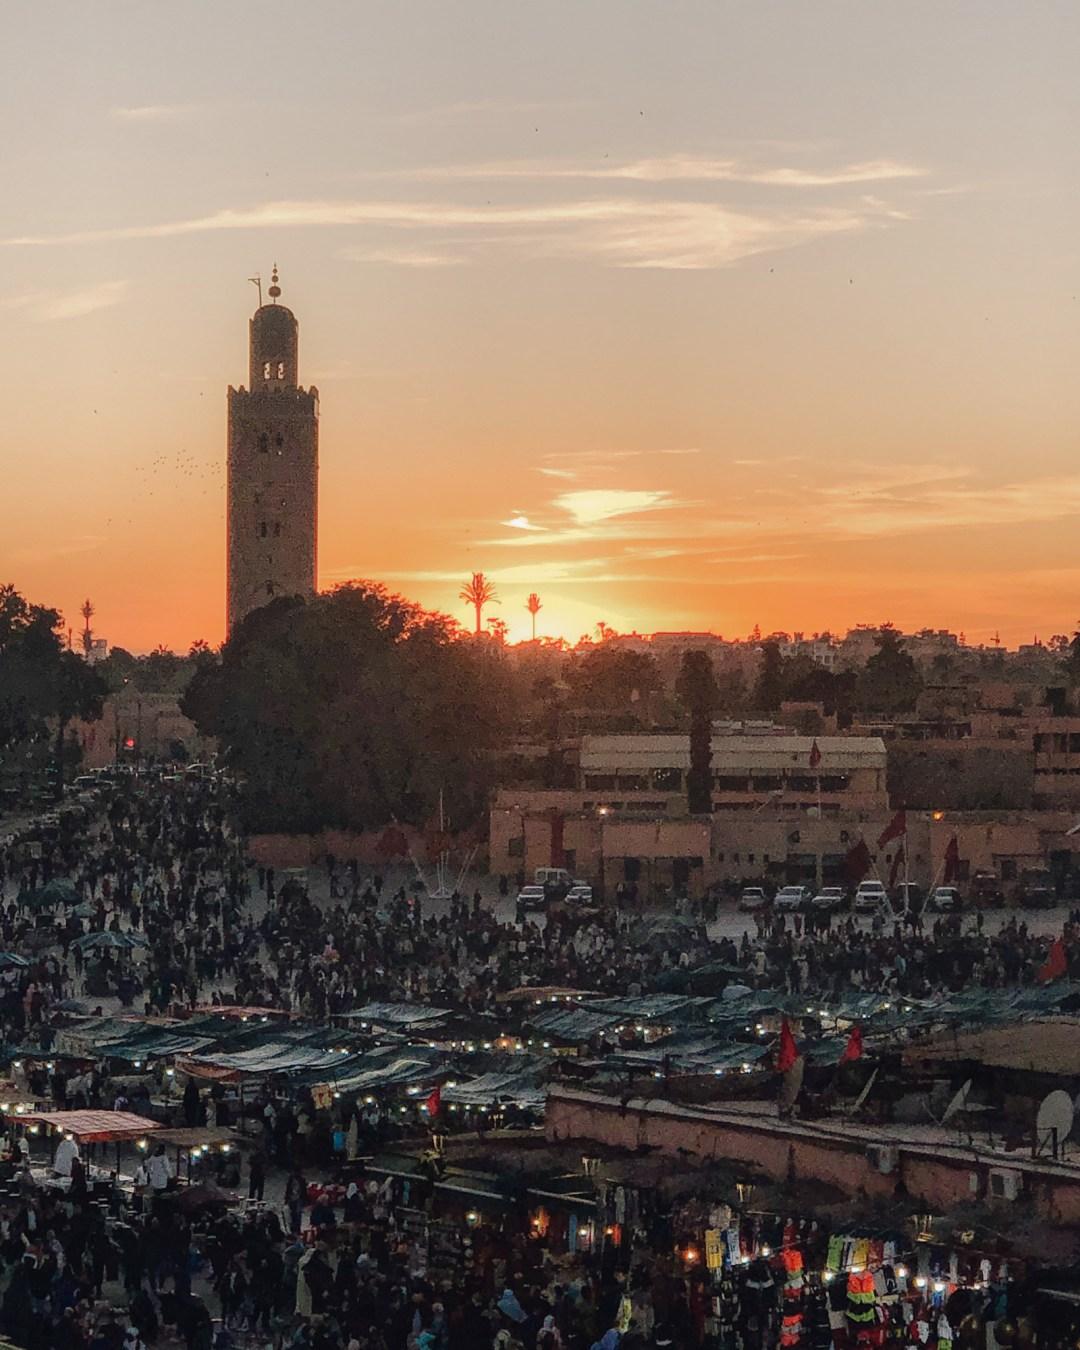 Inastil, Reiseblog, Ue50Blogger, Marrakech, Marokko, Travelblog, Reisebericht, Visualdiary,_-10 Kopie 2